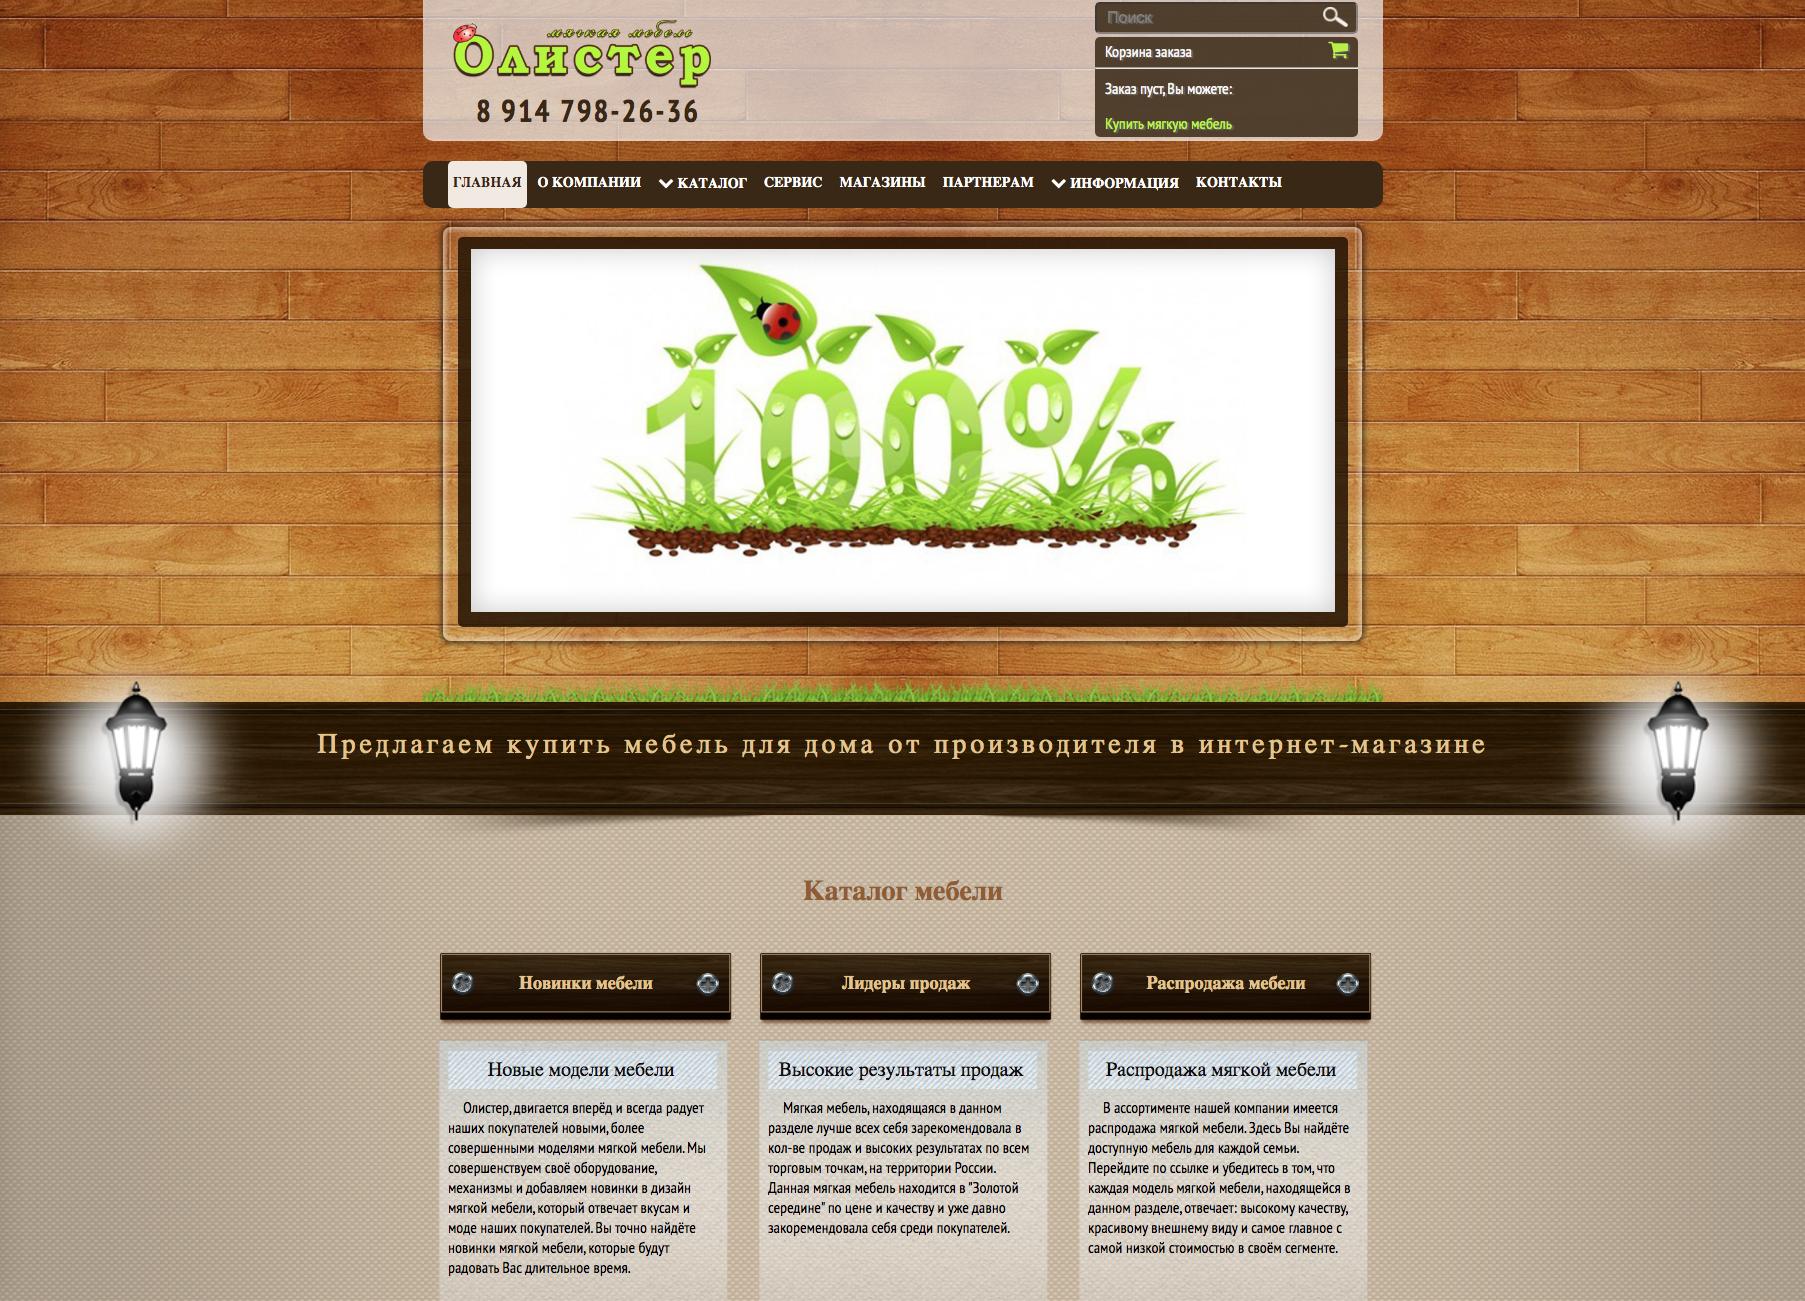 Дизайн сайта с использованием природных элементов